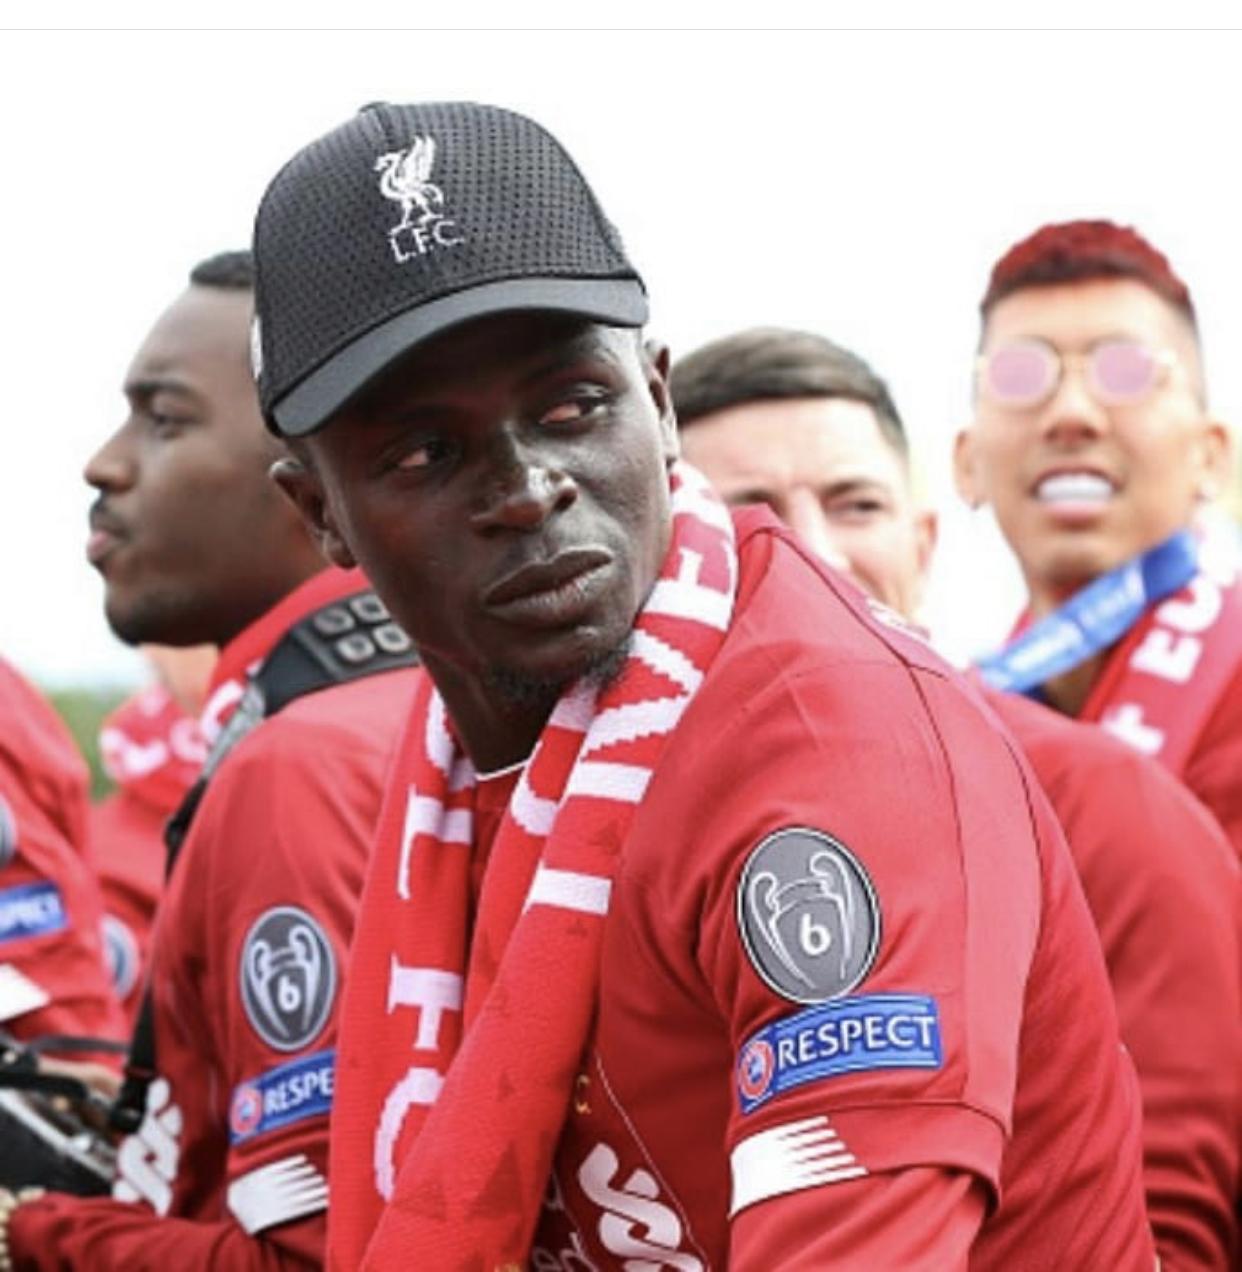 Vainqueur de la C1 / Le message fort de Sadio Mané aux africains : « Il faut toujours croire en ses rêves... »